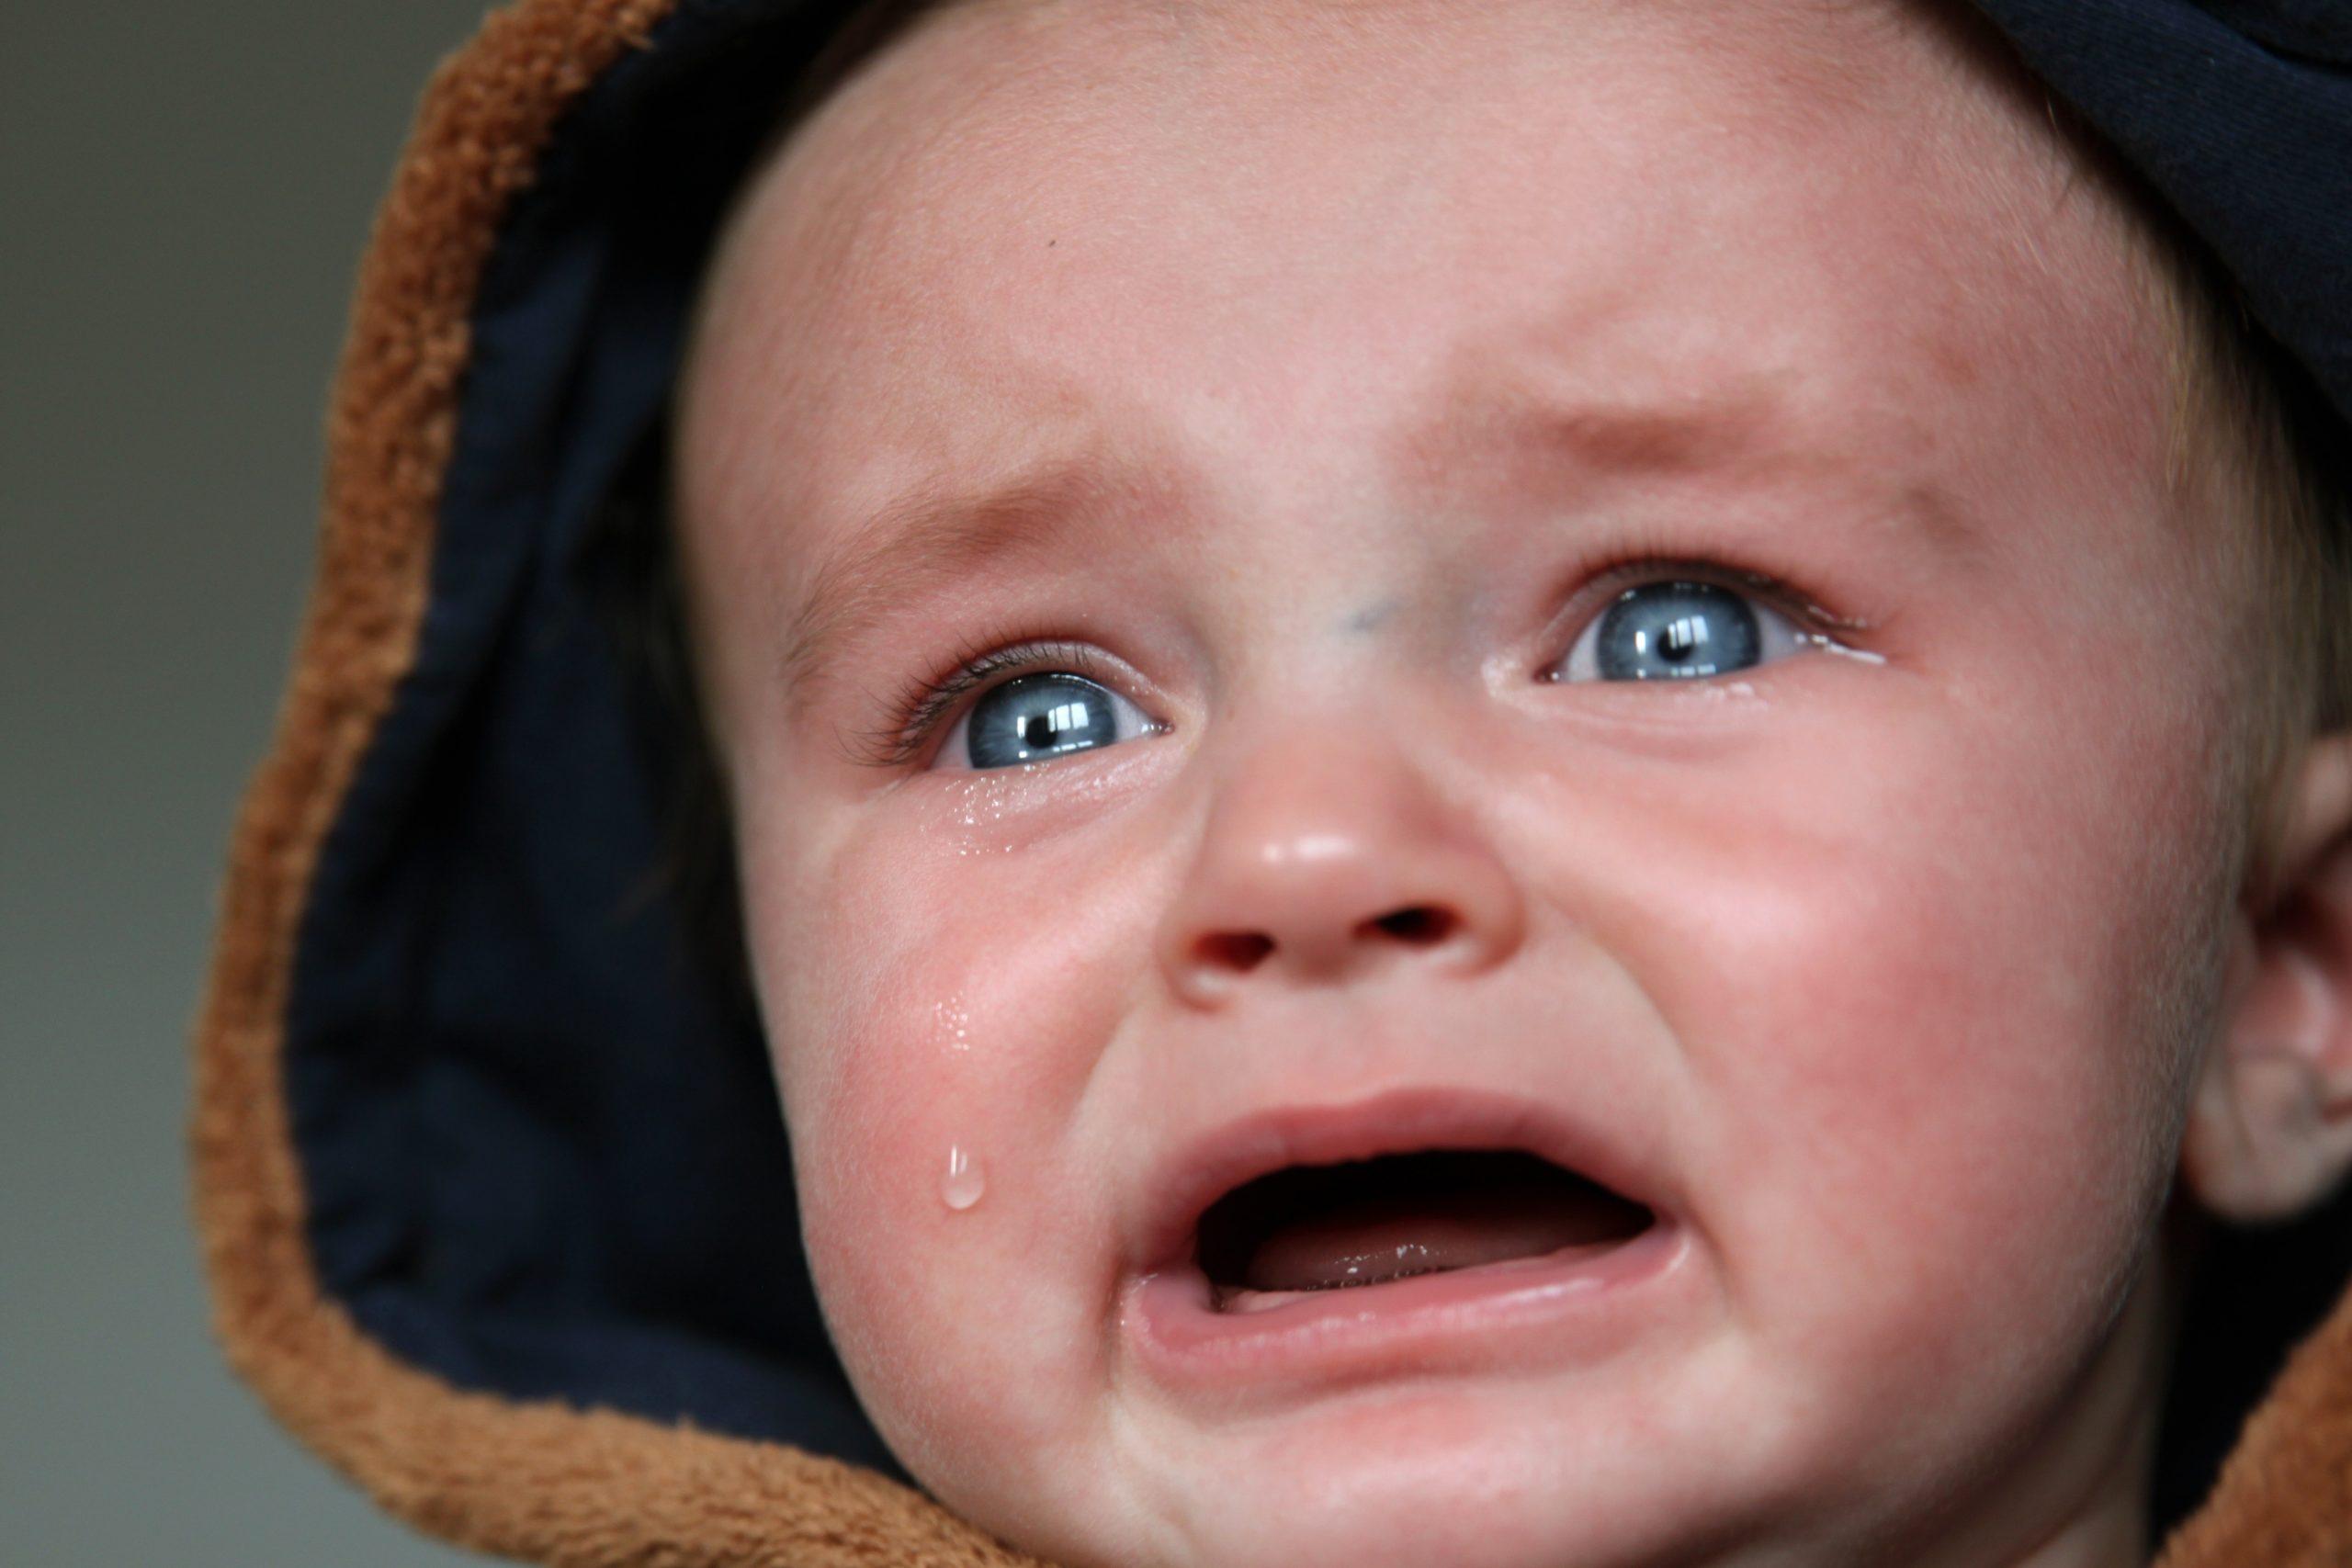 comment aider bébé à faire caca